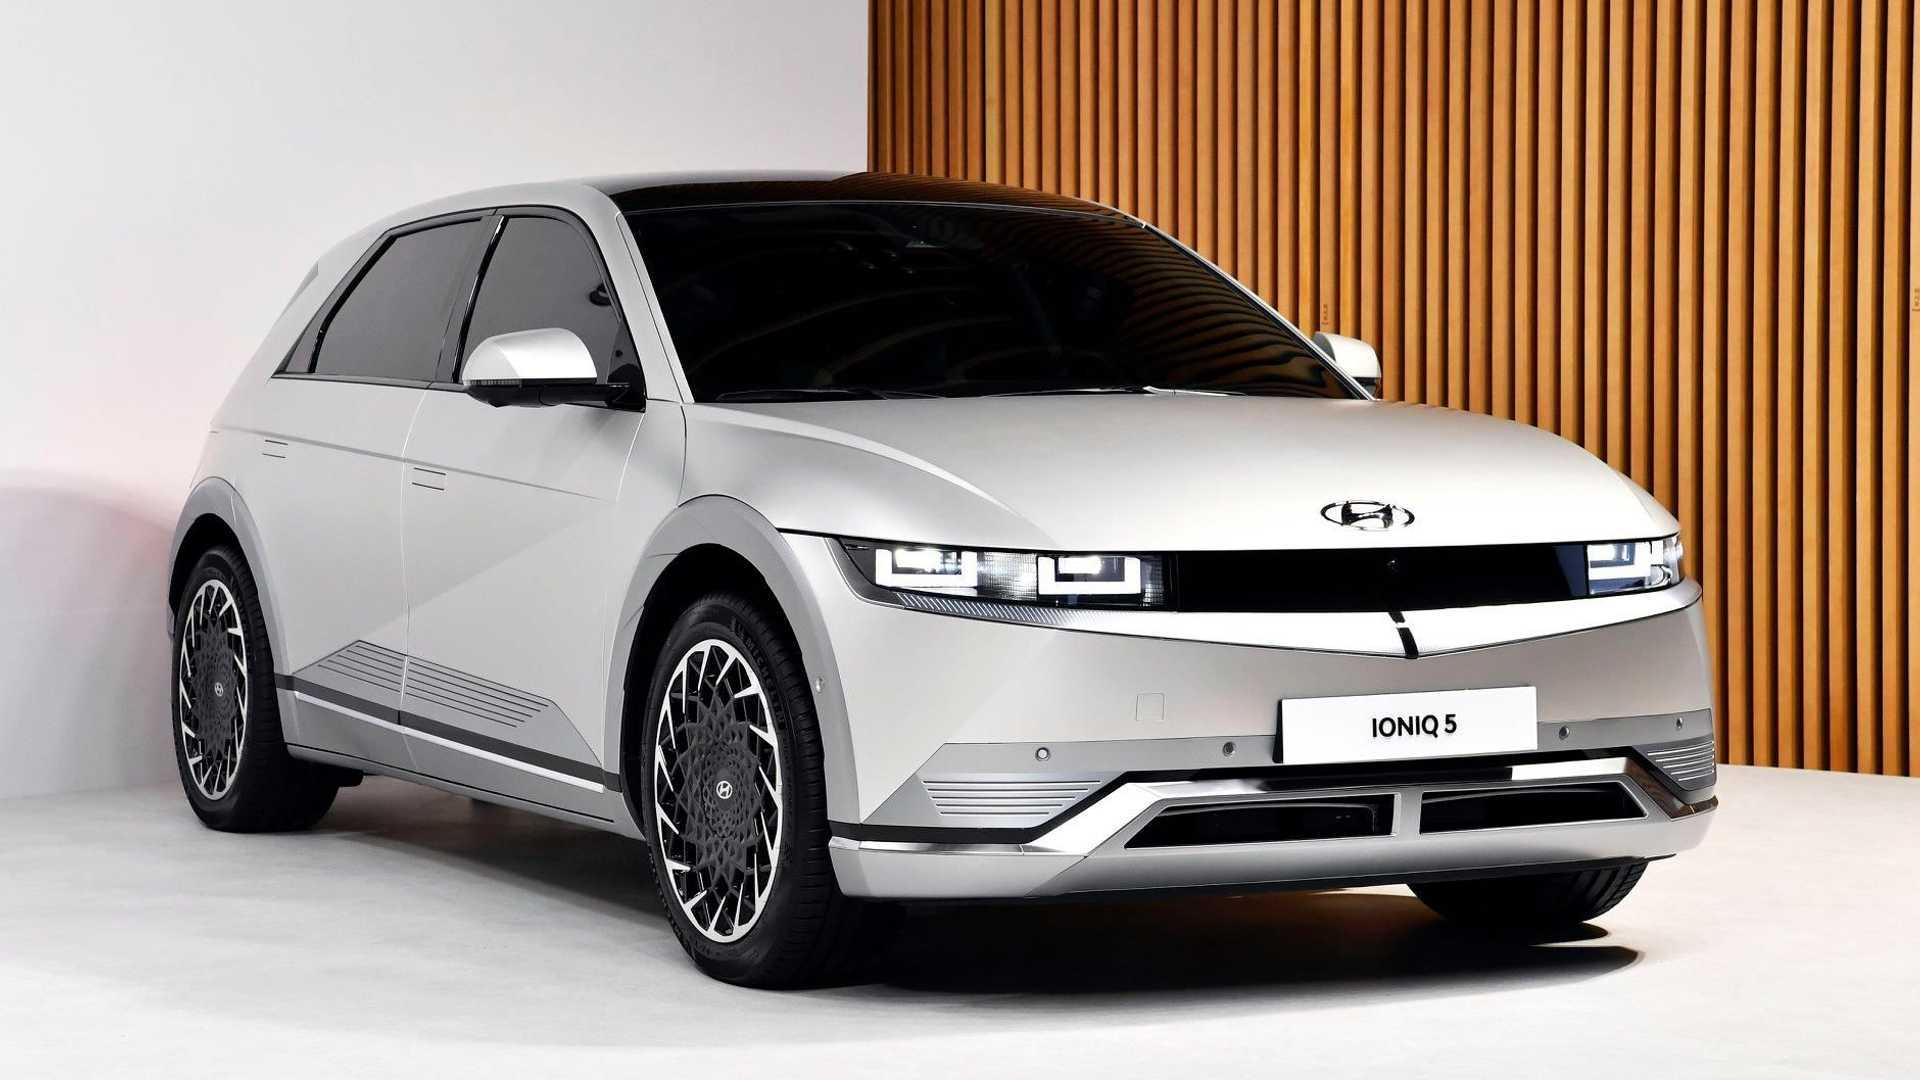 Hyundai представила Ioniq 5 еще в феврале, но сейчас компания готовится к показу американского варианта. Премьера состоится 24 мая, но уже сейчас известны важные технические параметры.